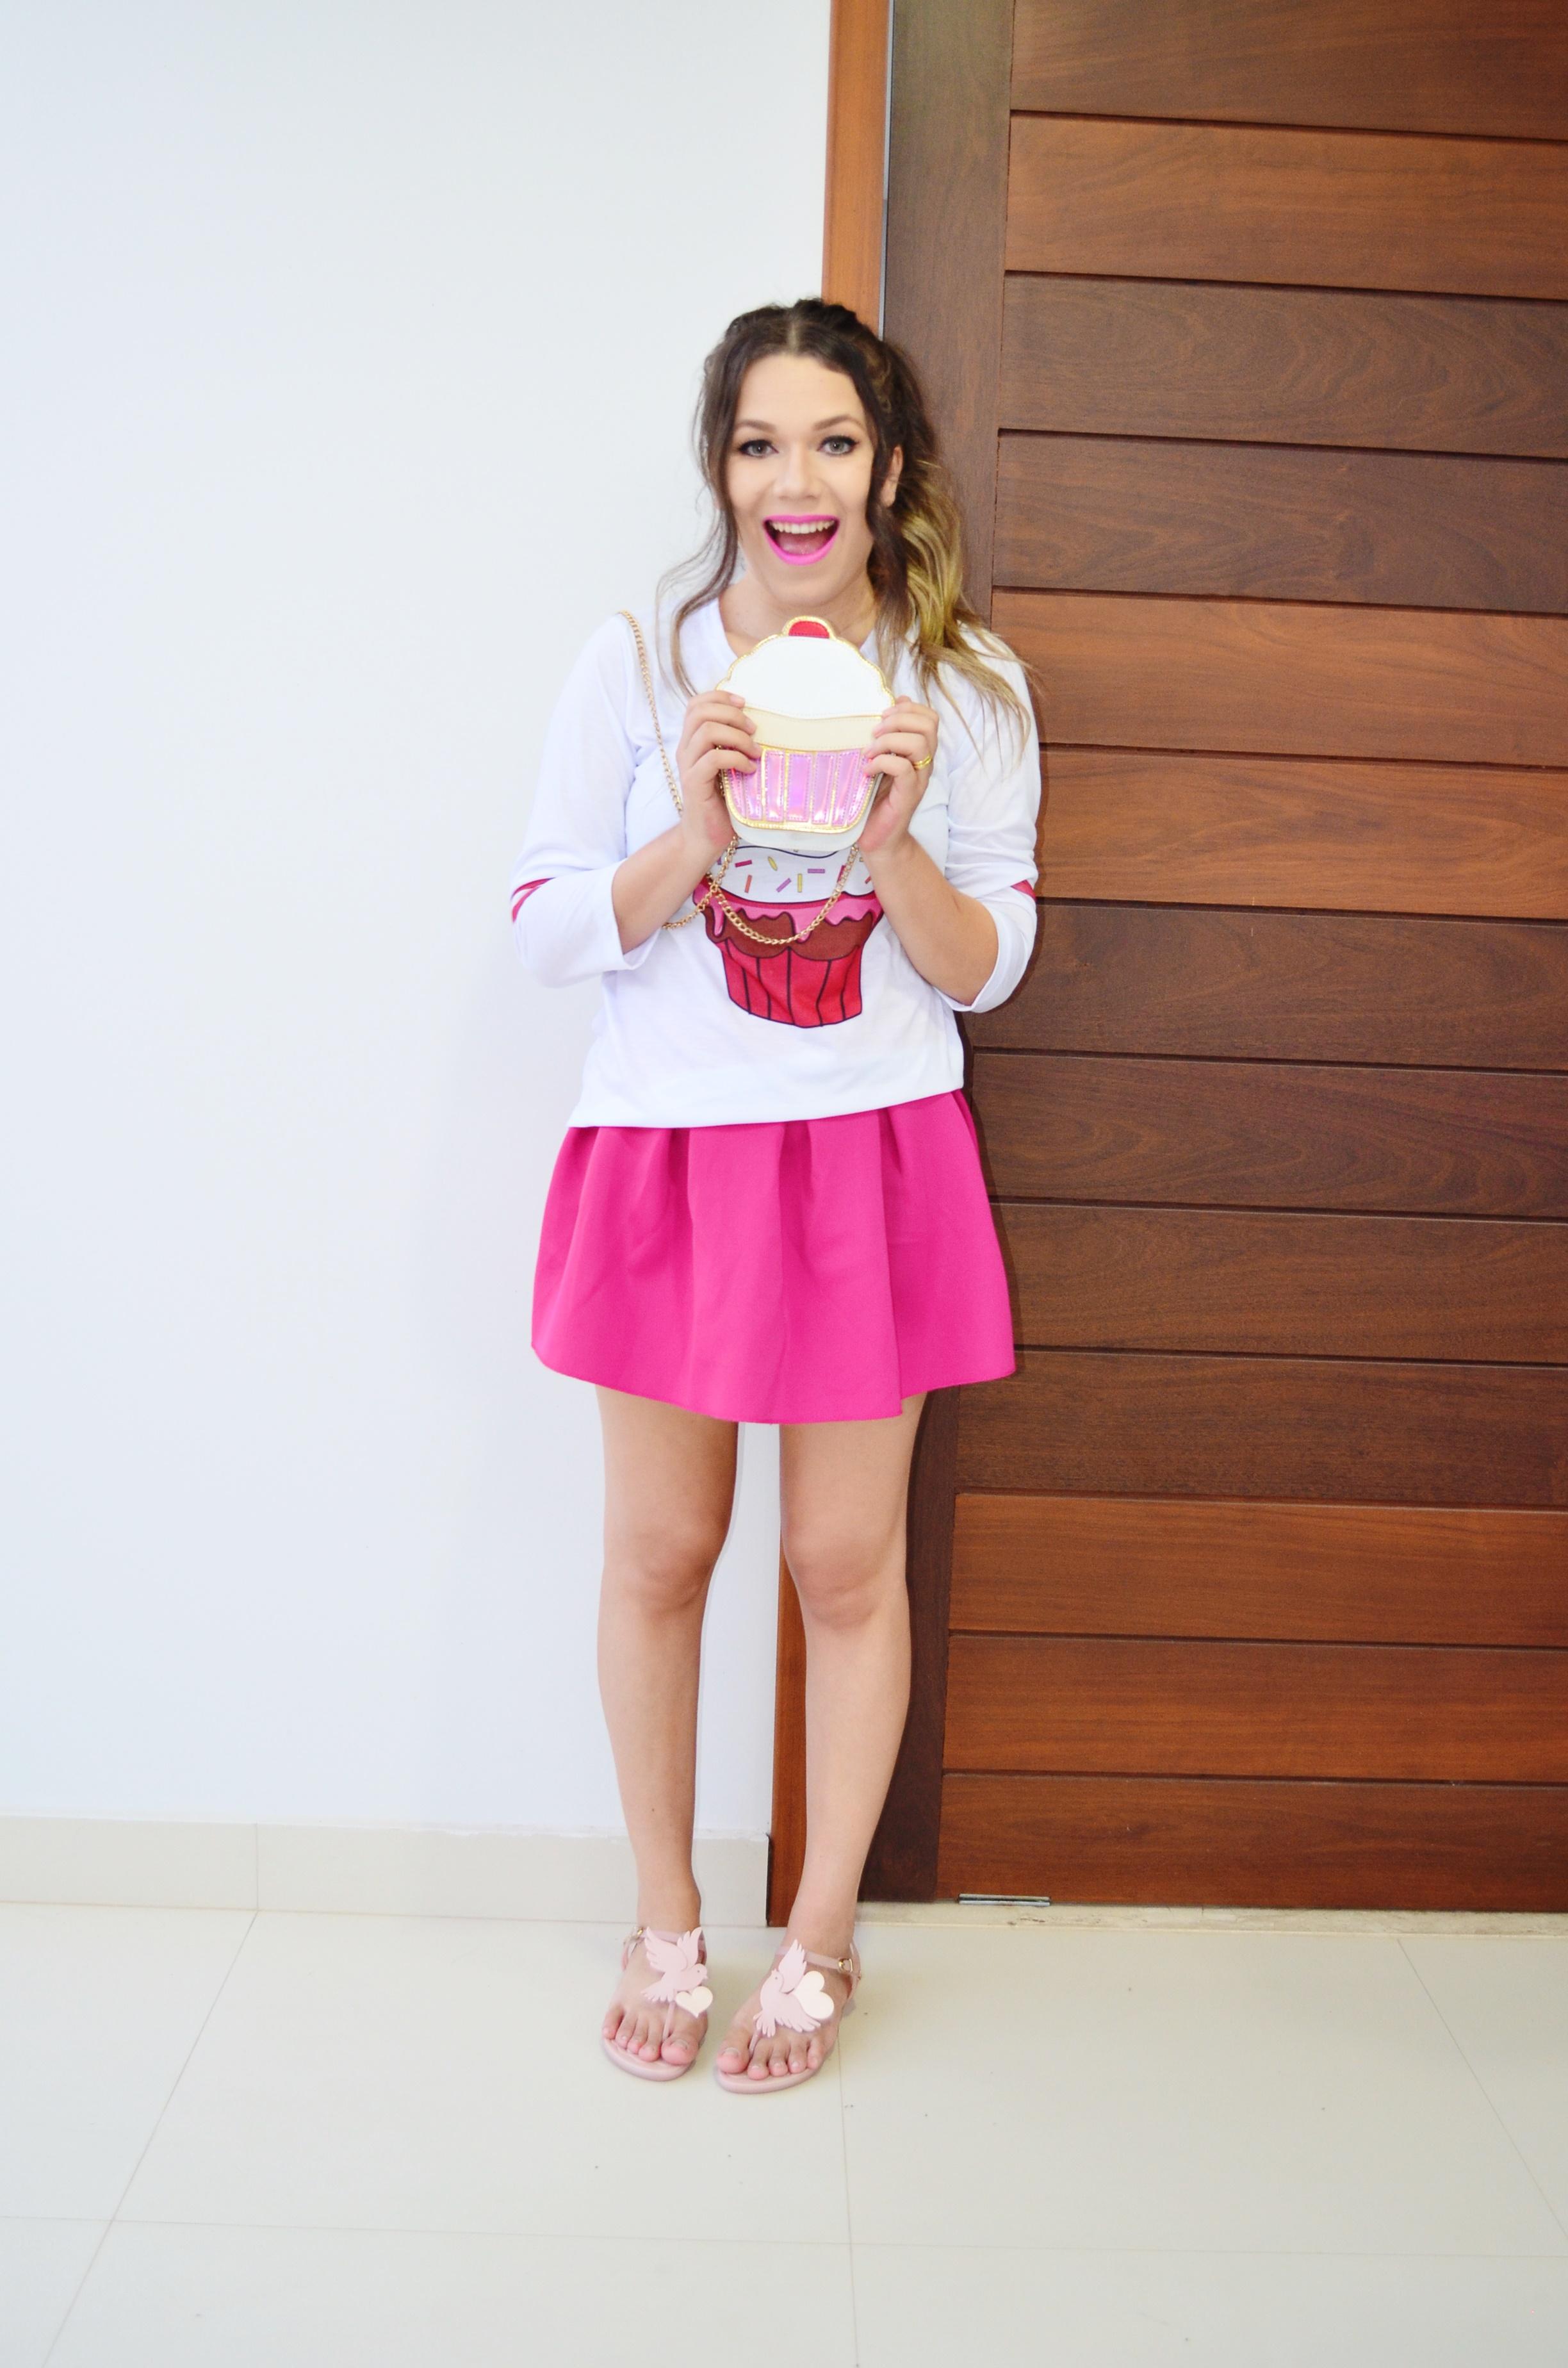 look-melissa-vivienne-westwood-anglomania-melissa-solar-ii-camisa-cupcake-e-saia-pink-8